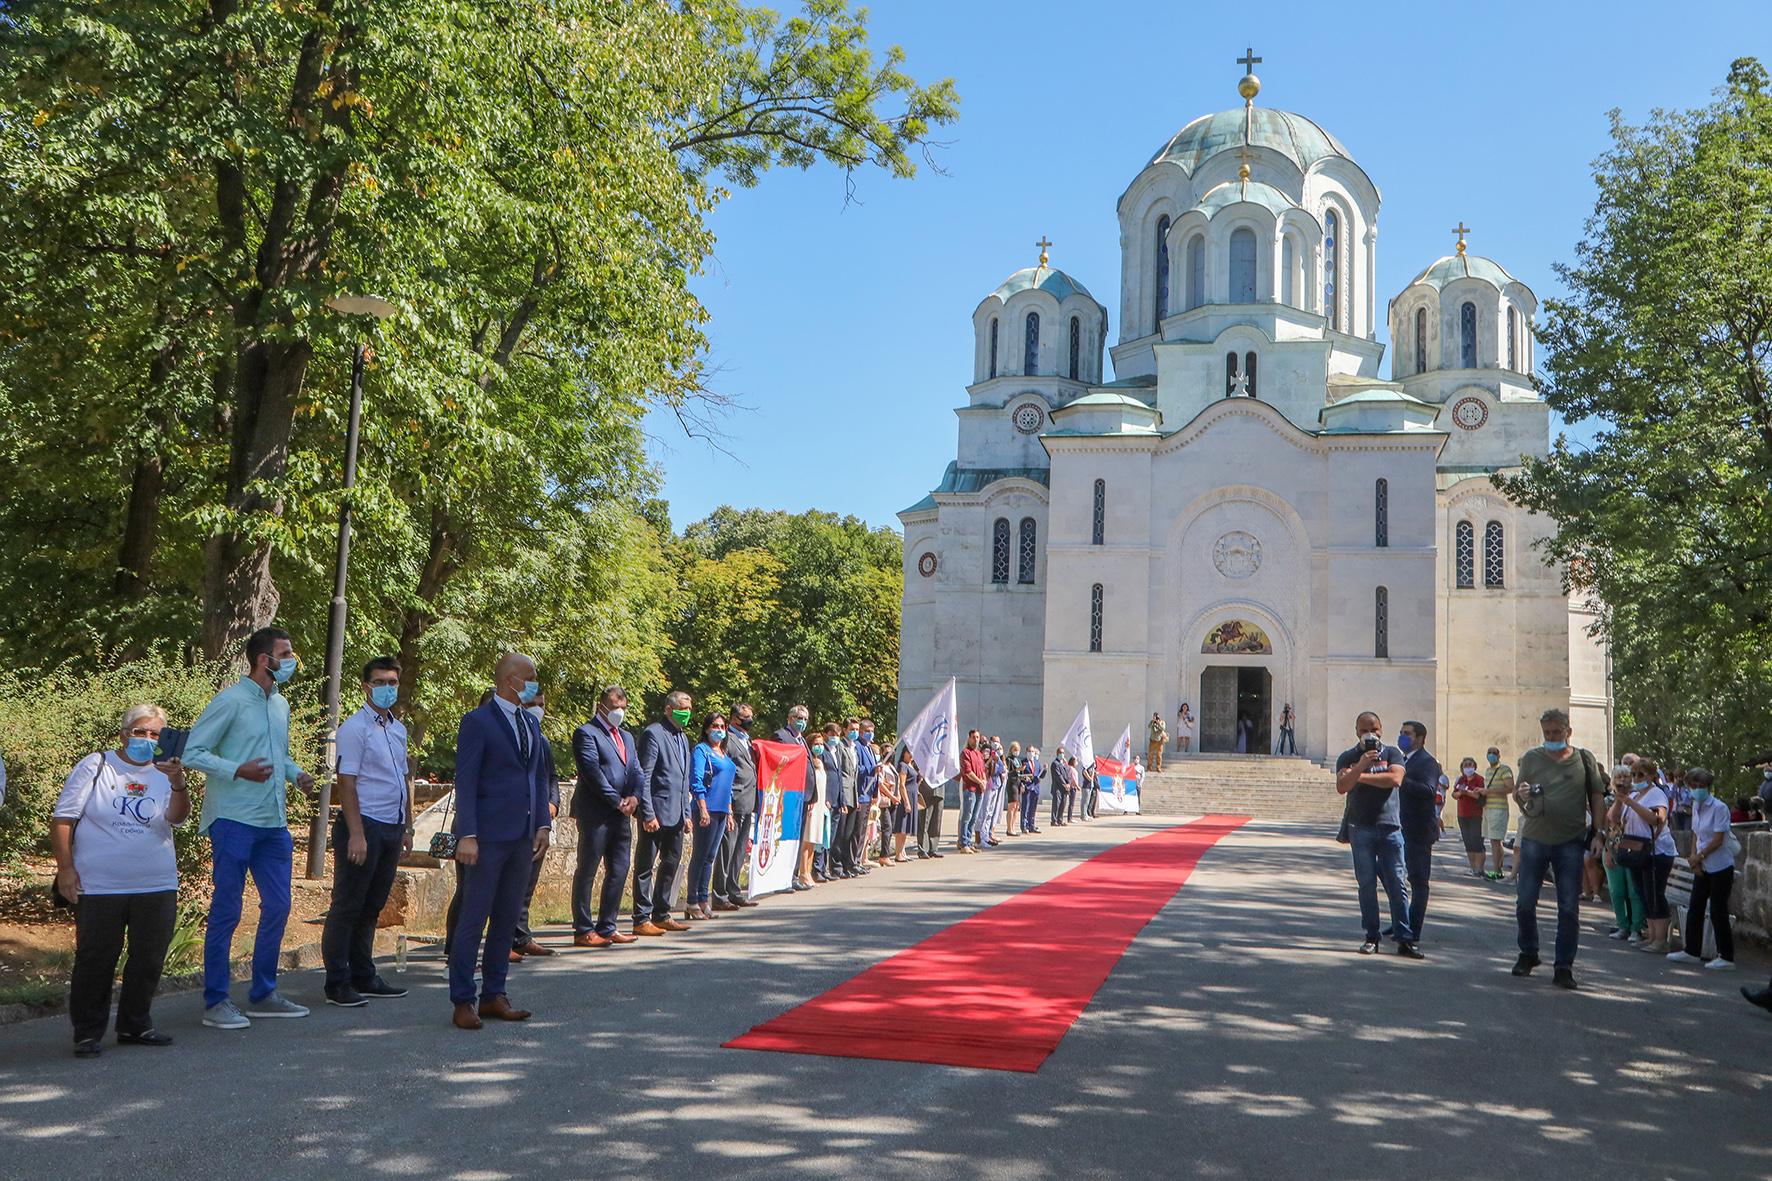 Удружење Краљевина Србија свечано дочекује Њ.К.В. на Опленцу